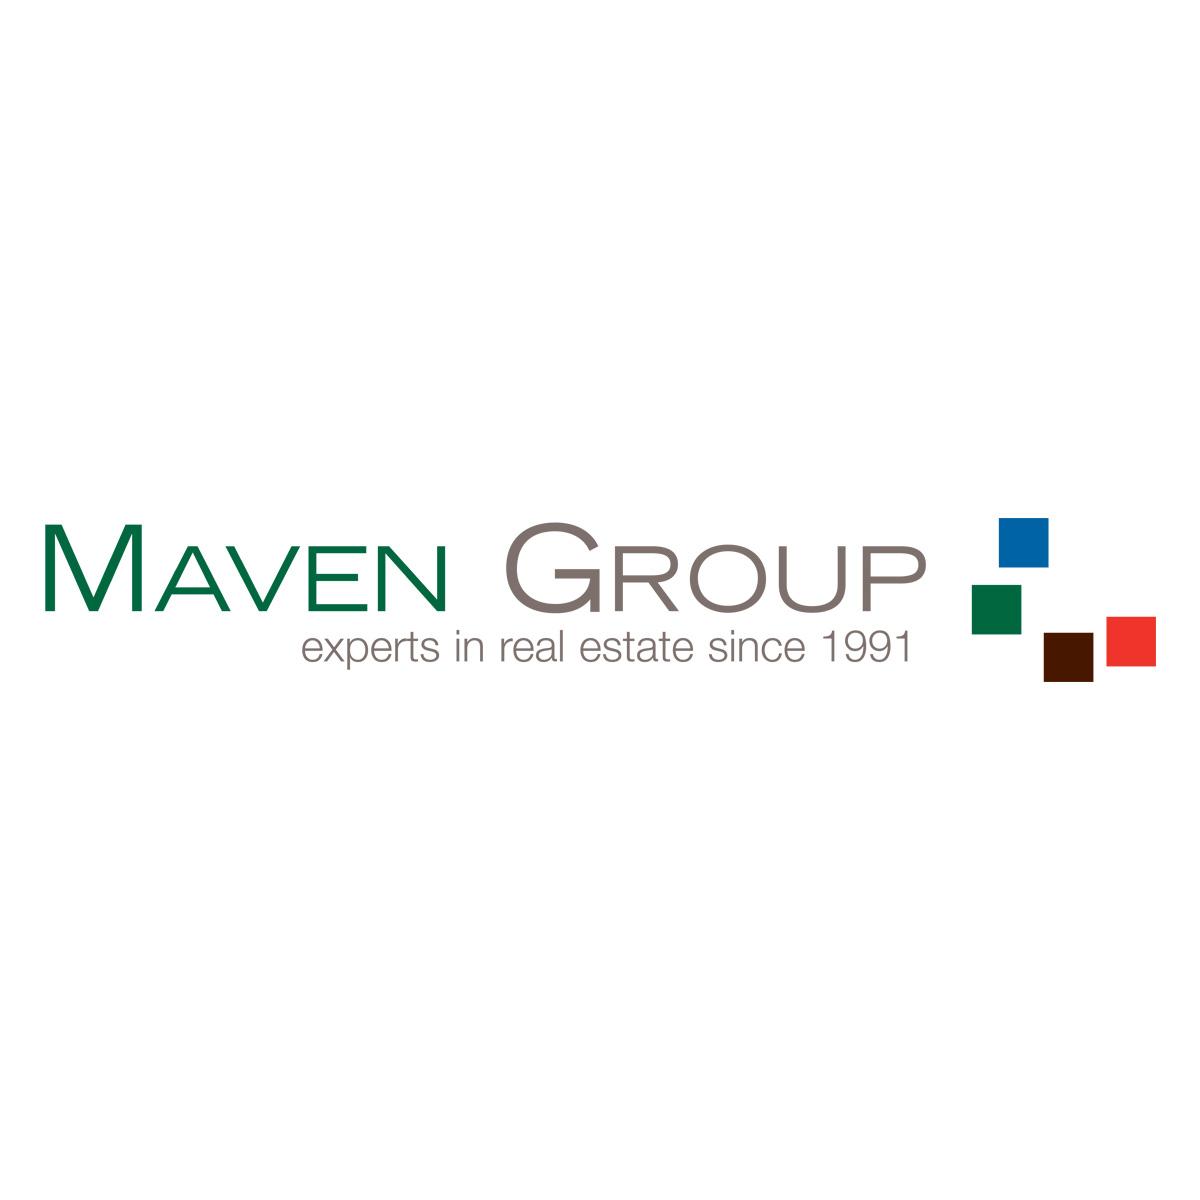 Maven Group